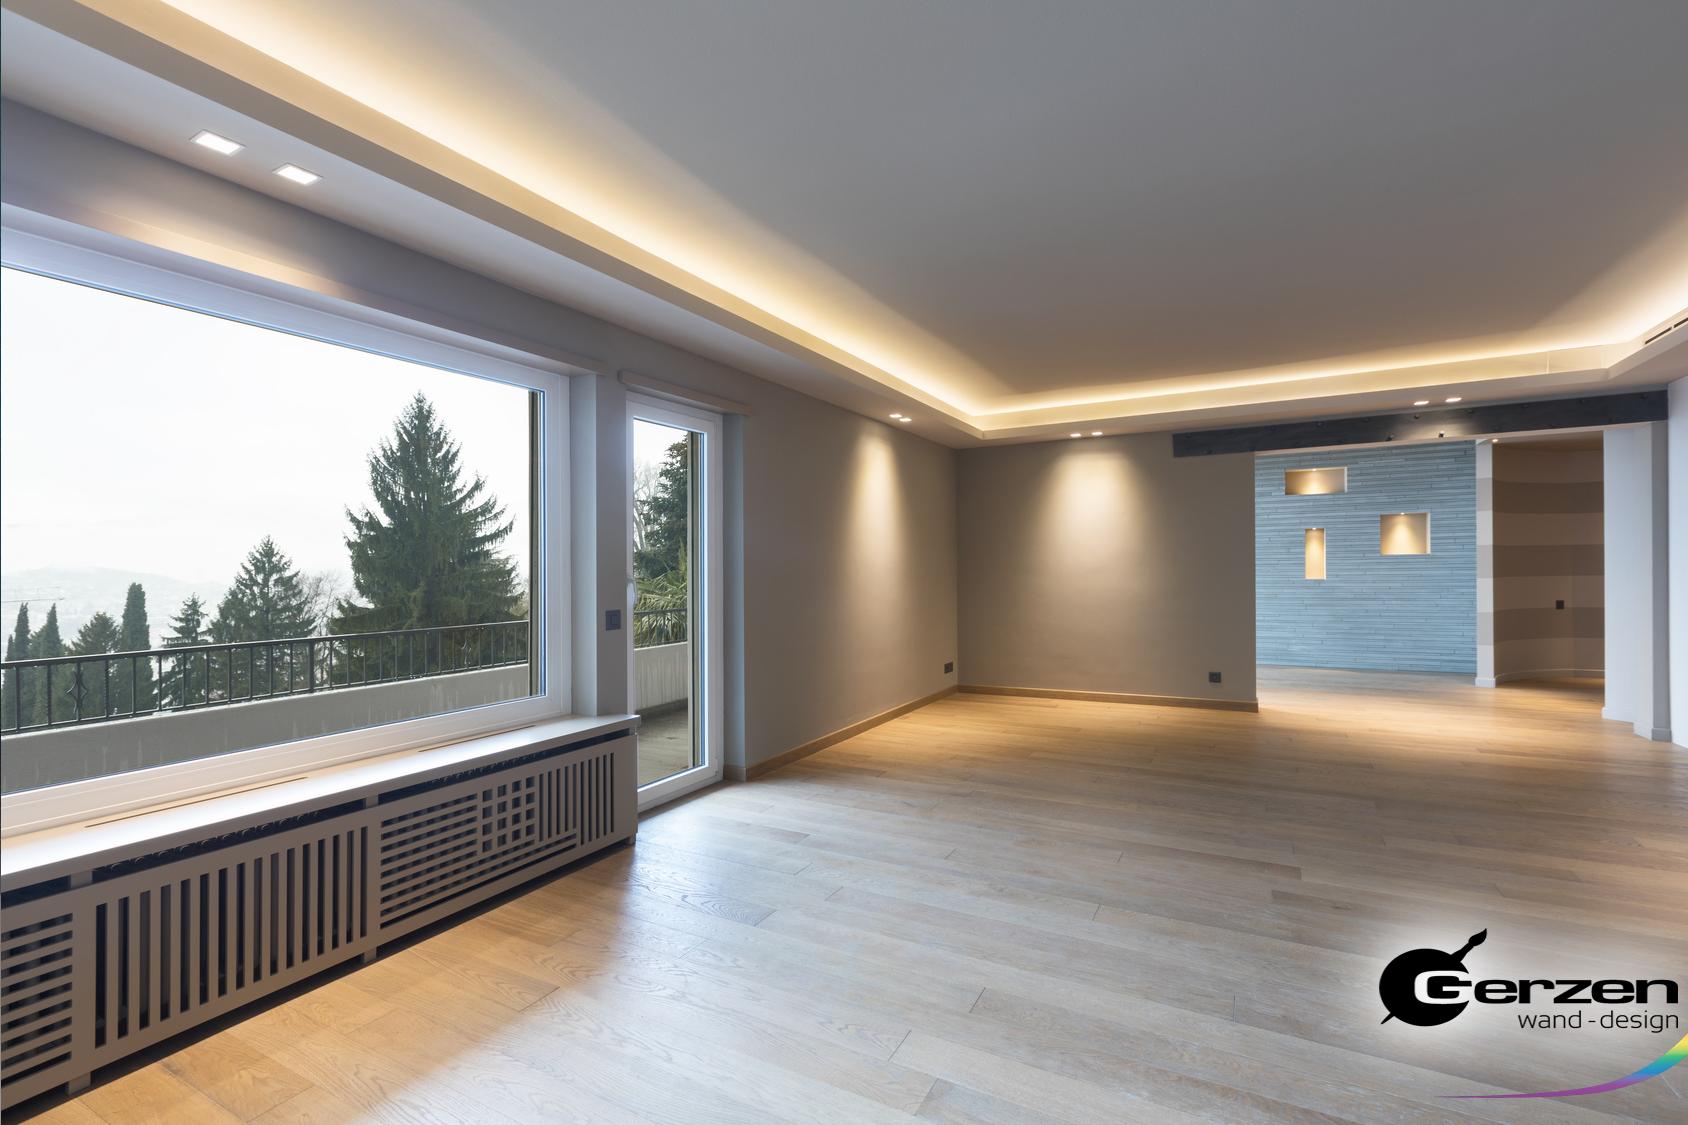 Abgehangte Decke In Einem Modernen Wohnzimmer Wandnischen Mit Indirekter Beleuchtung Trendiges Des Beleuchtung Wohnzimmer Decke Wandnischen Abgehangte Decke